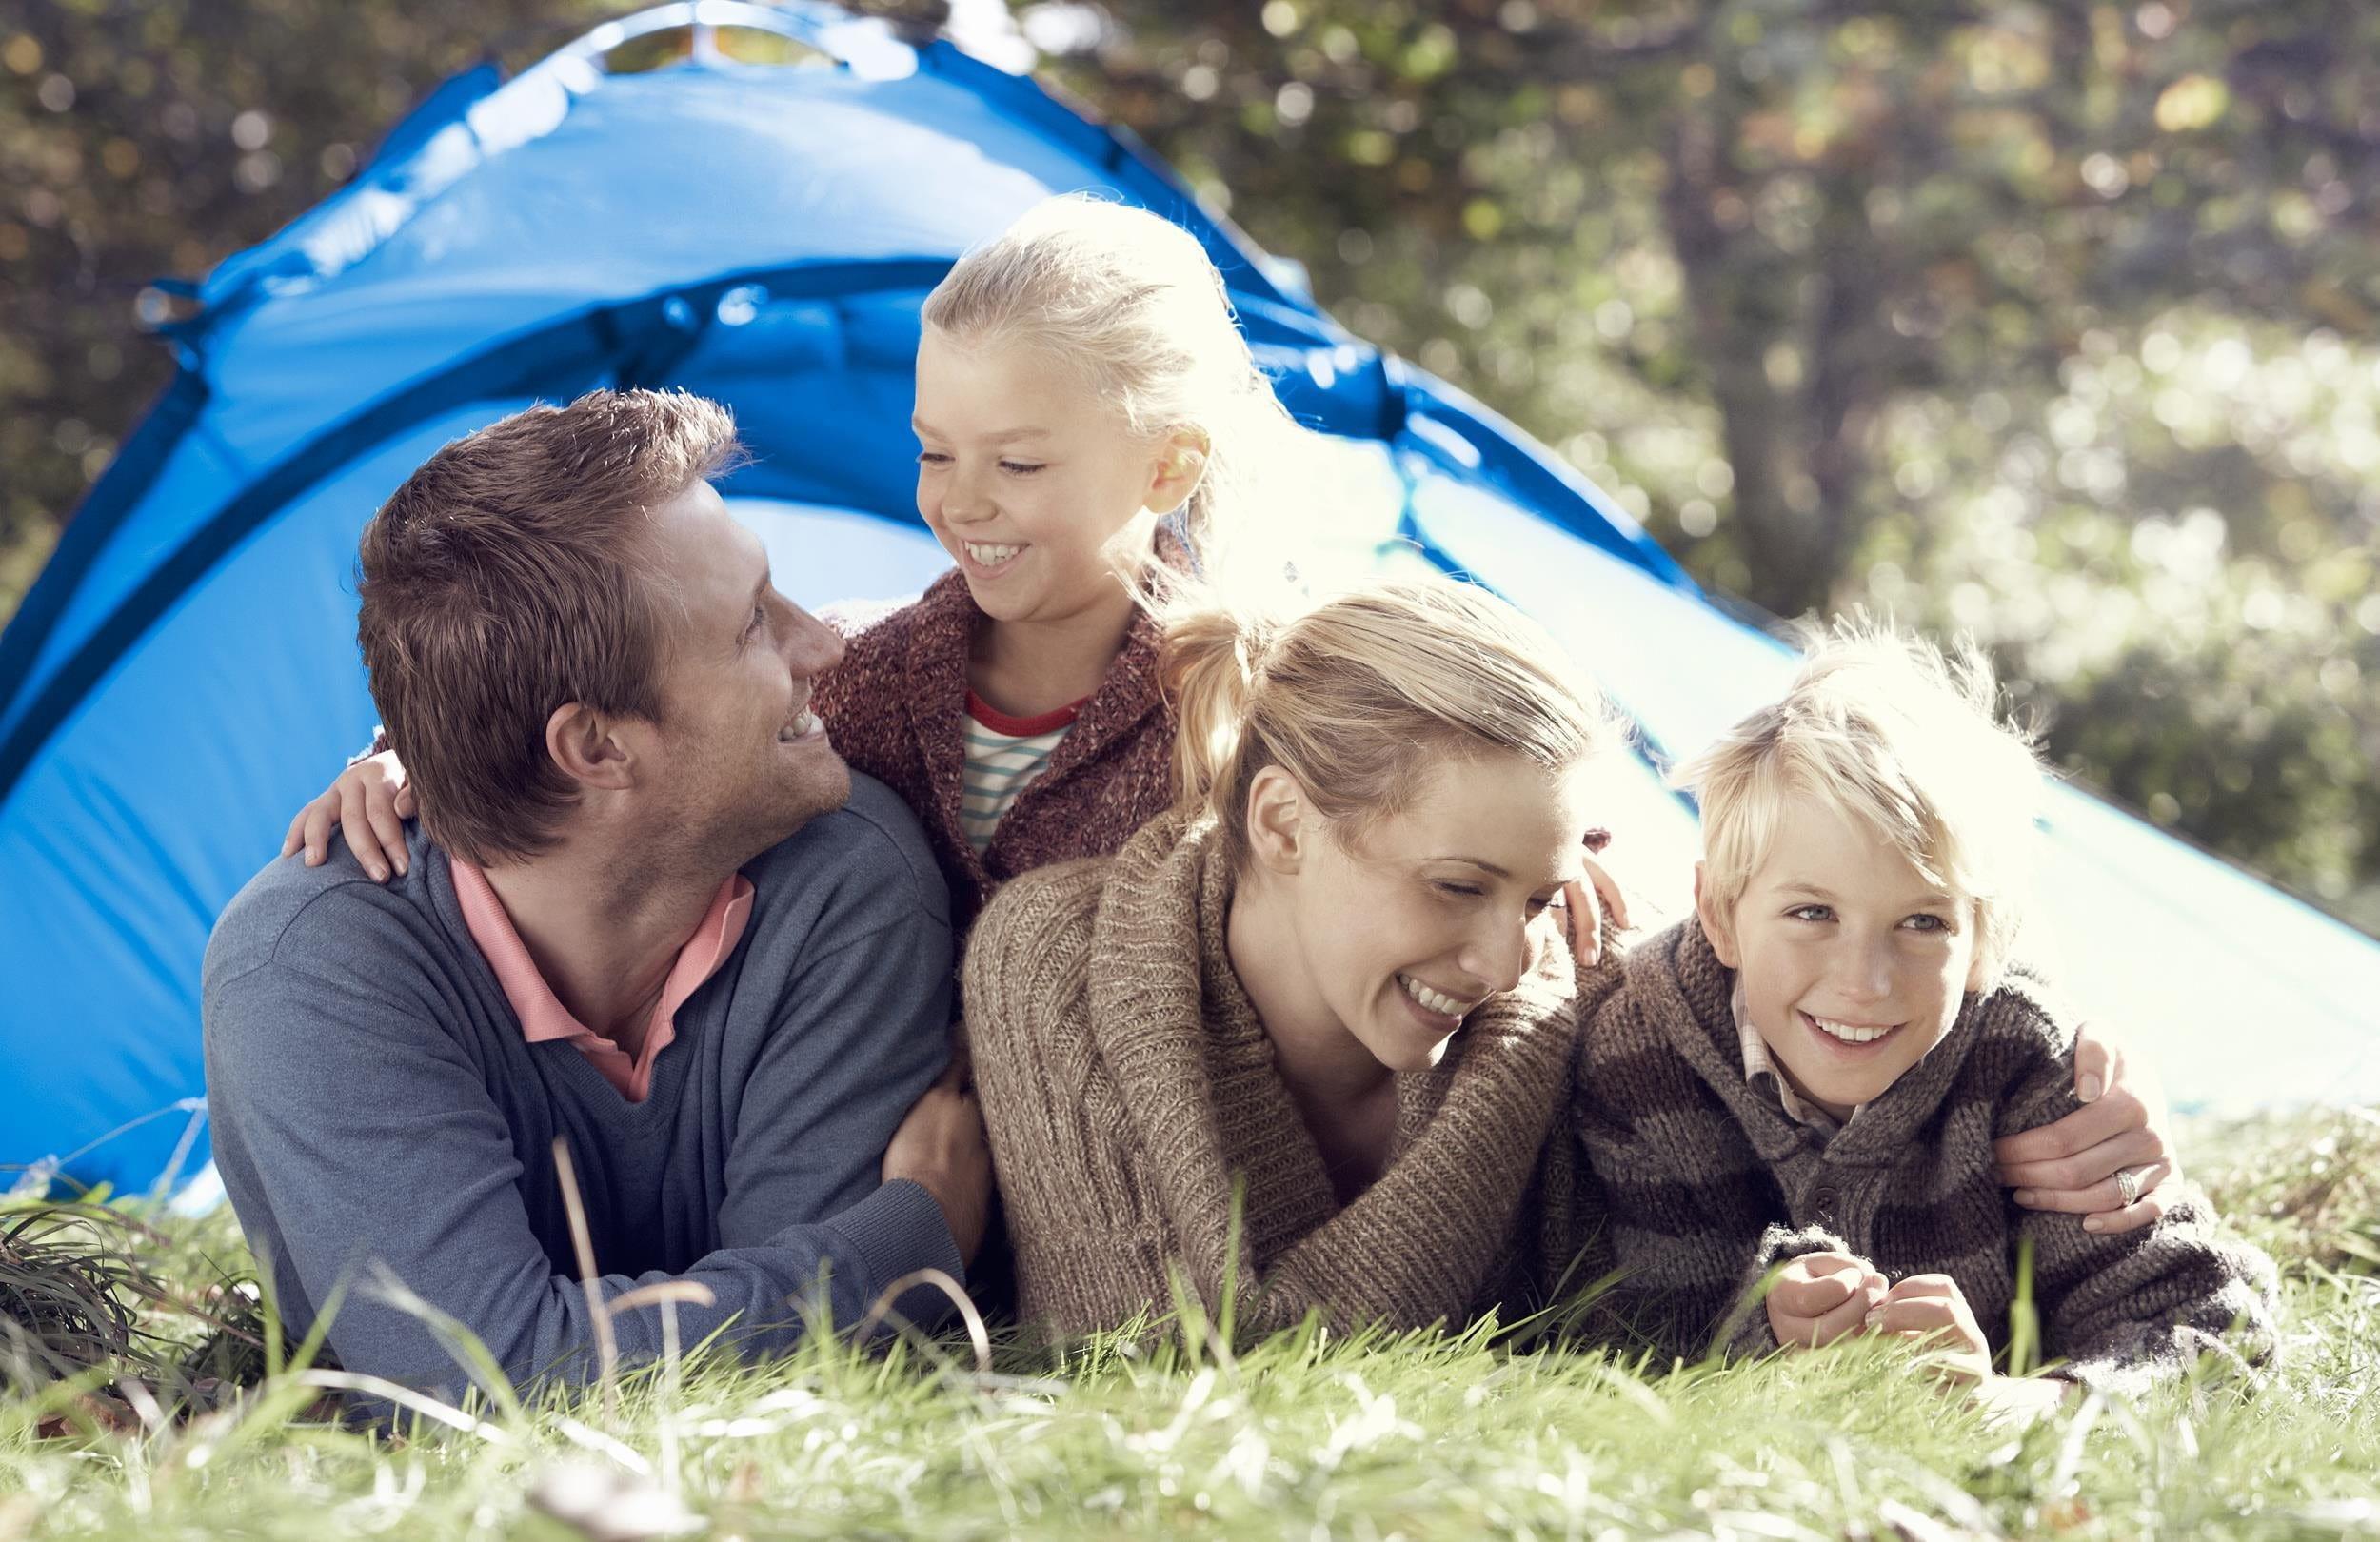 La famille est en face d'une tente